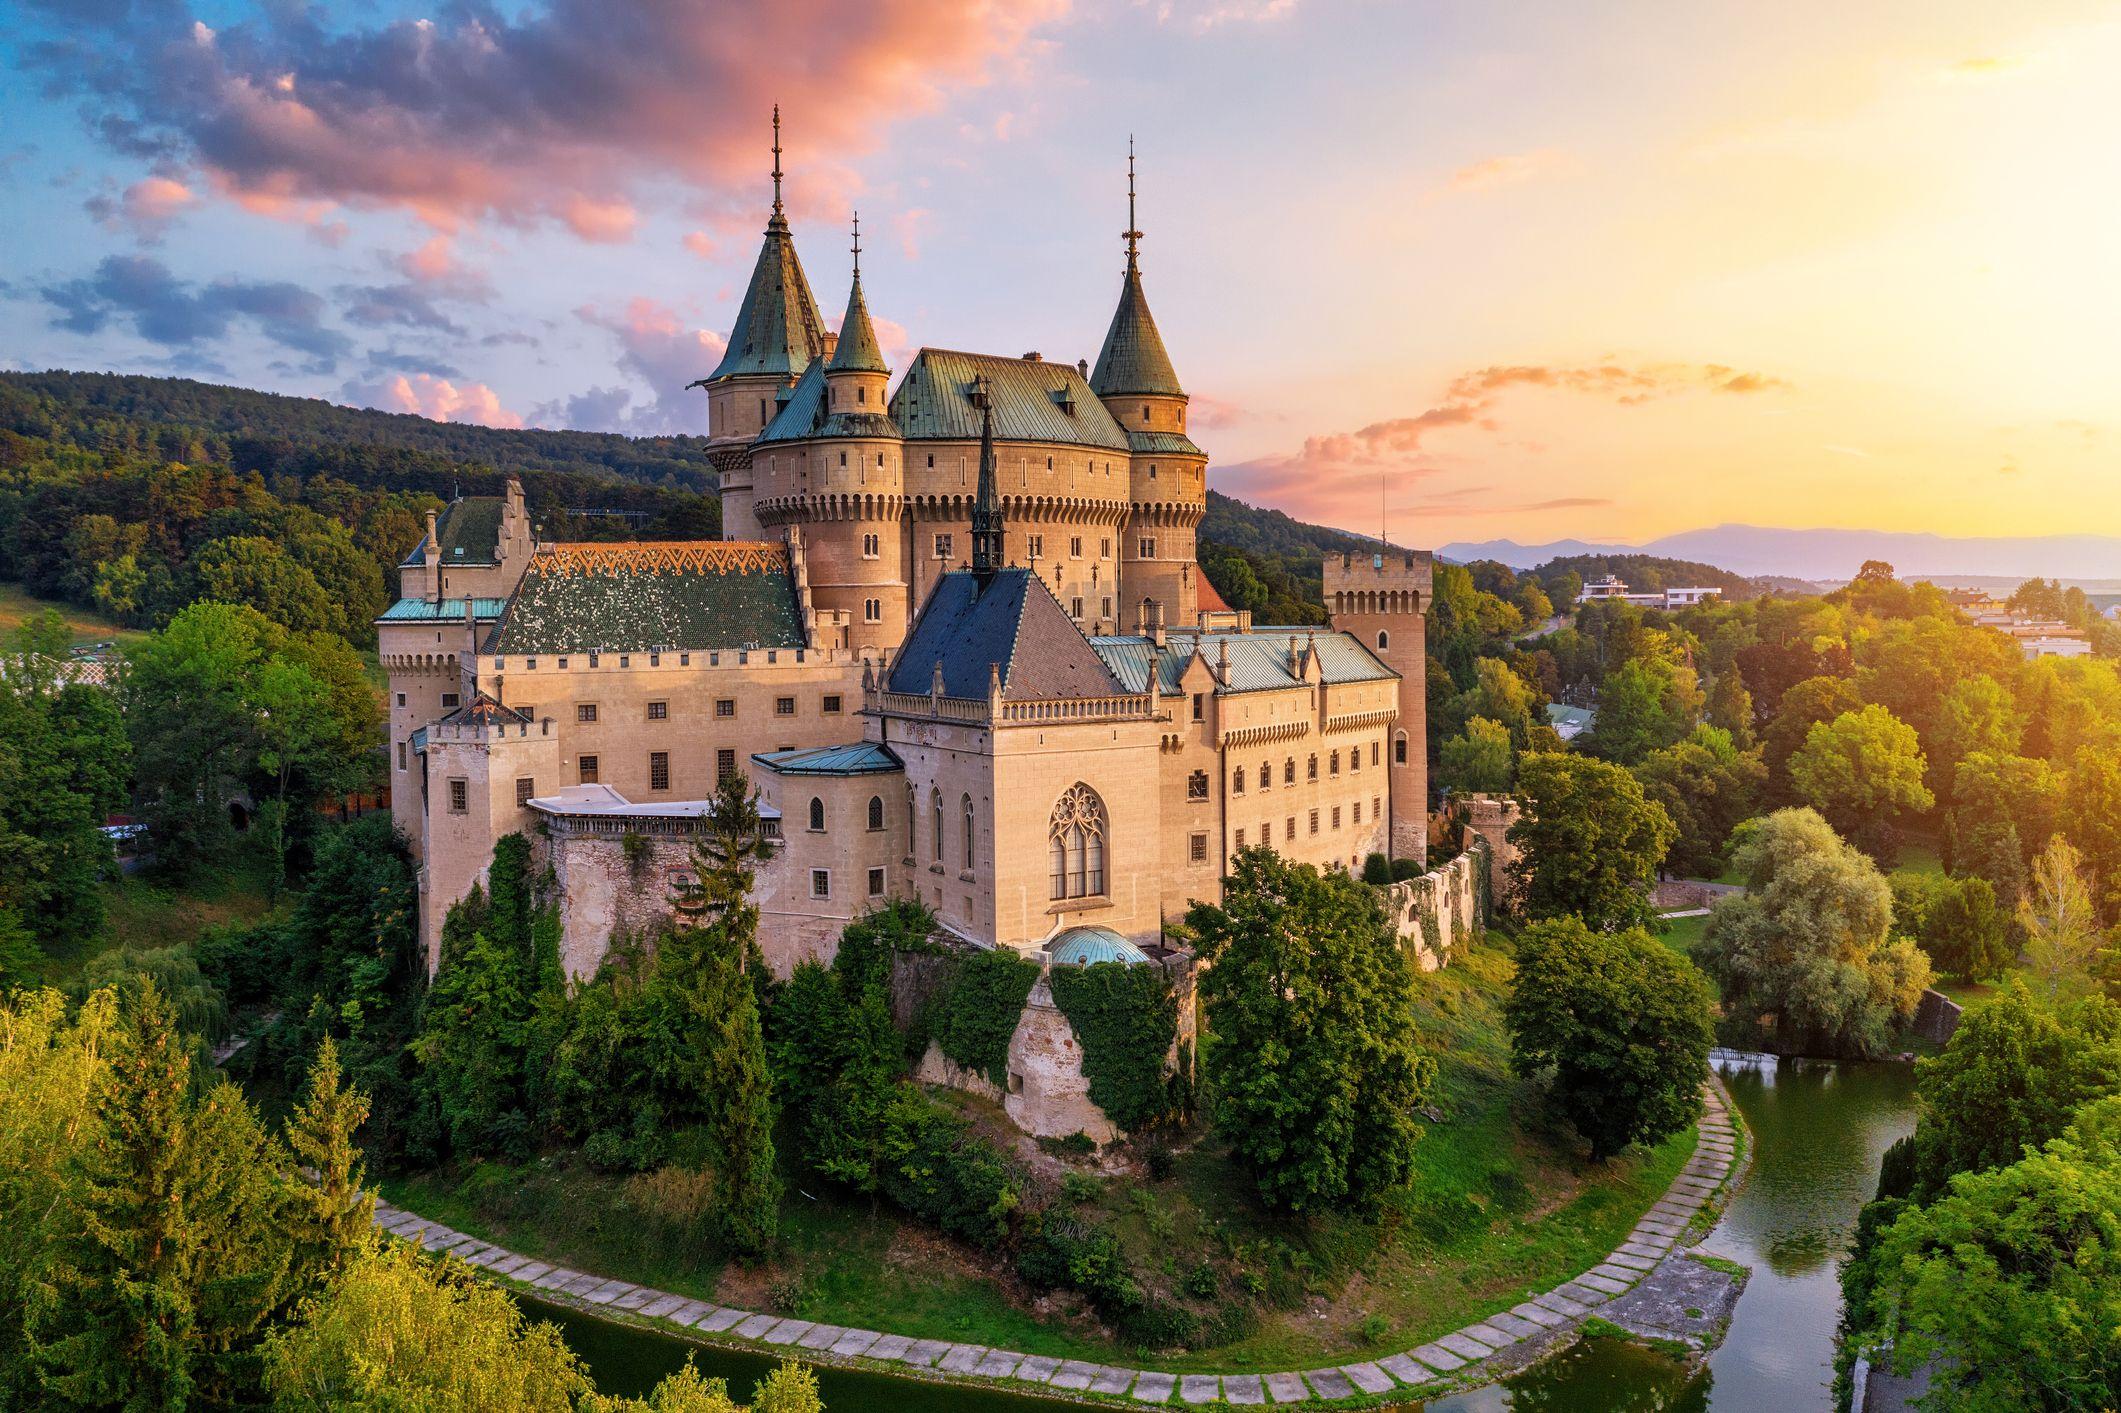 trip to castle castles travel planner app